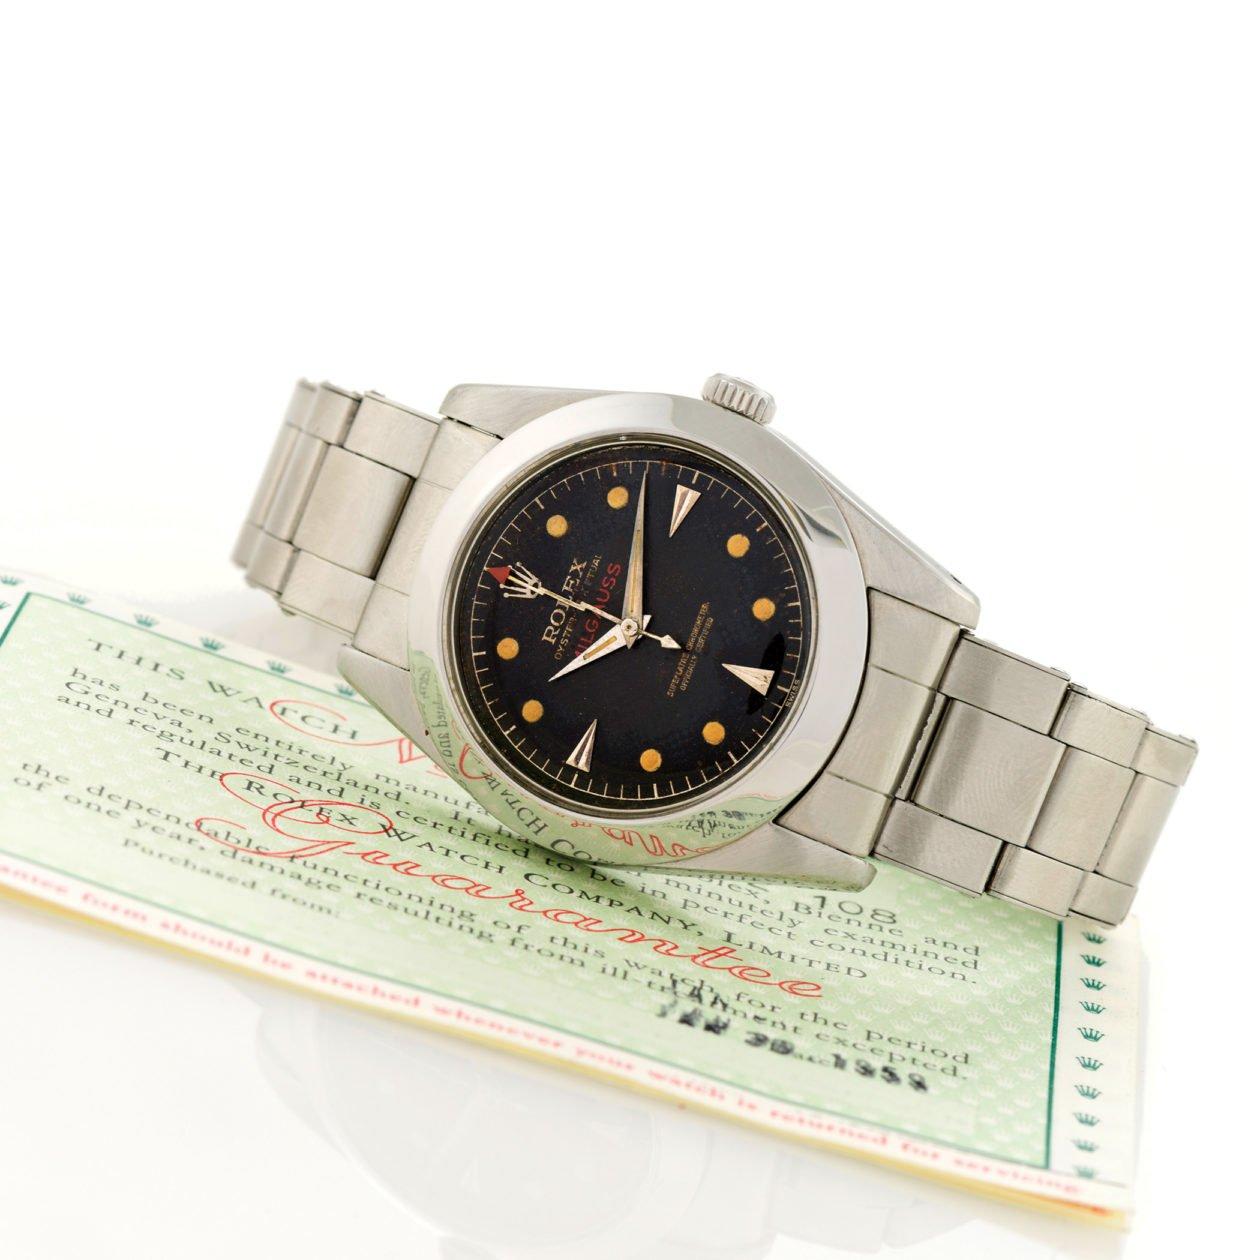 Rolex Milgauss ref. 6541 / foto: Antiquorum